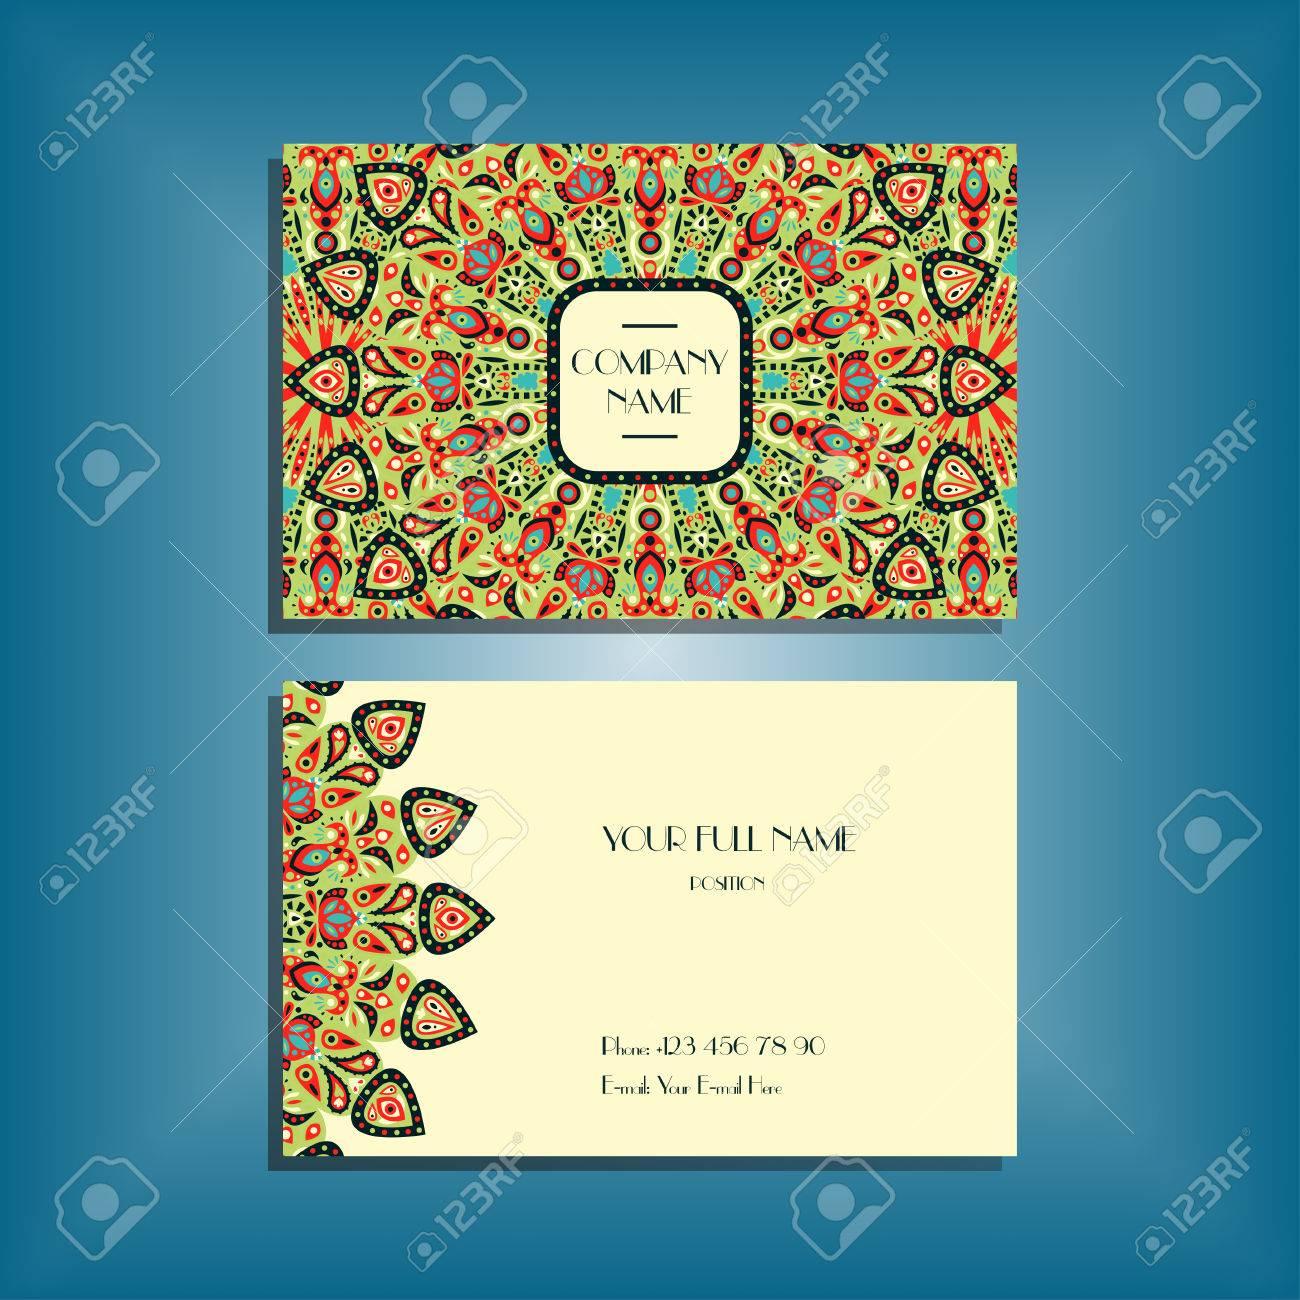 Maquette De Carte Visite Oriental Avec Motif Mandala Rond Rouge Et Vert Ornement Modele Mise En Page Conception Florale